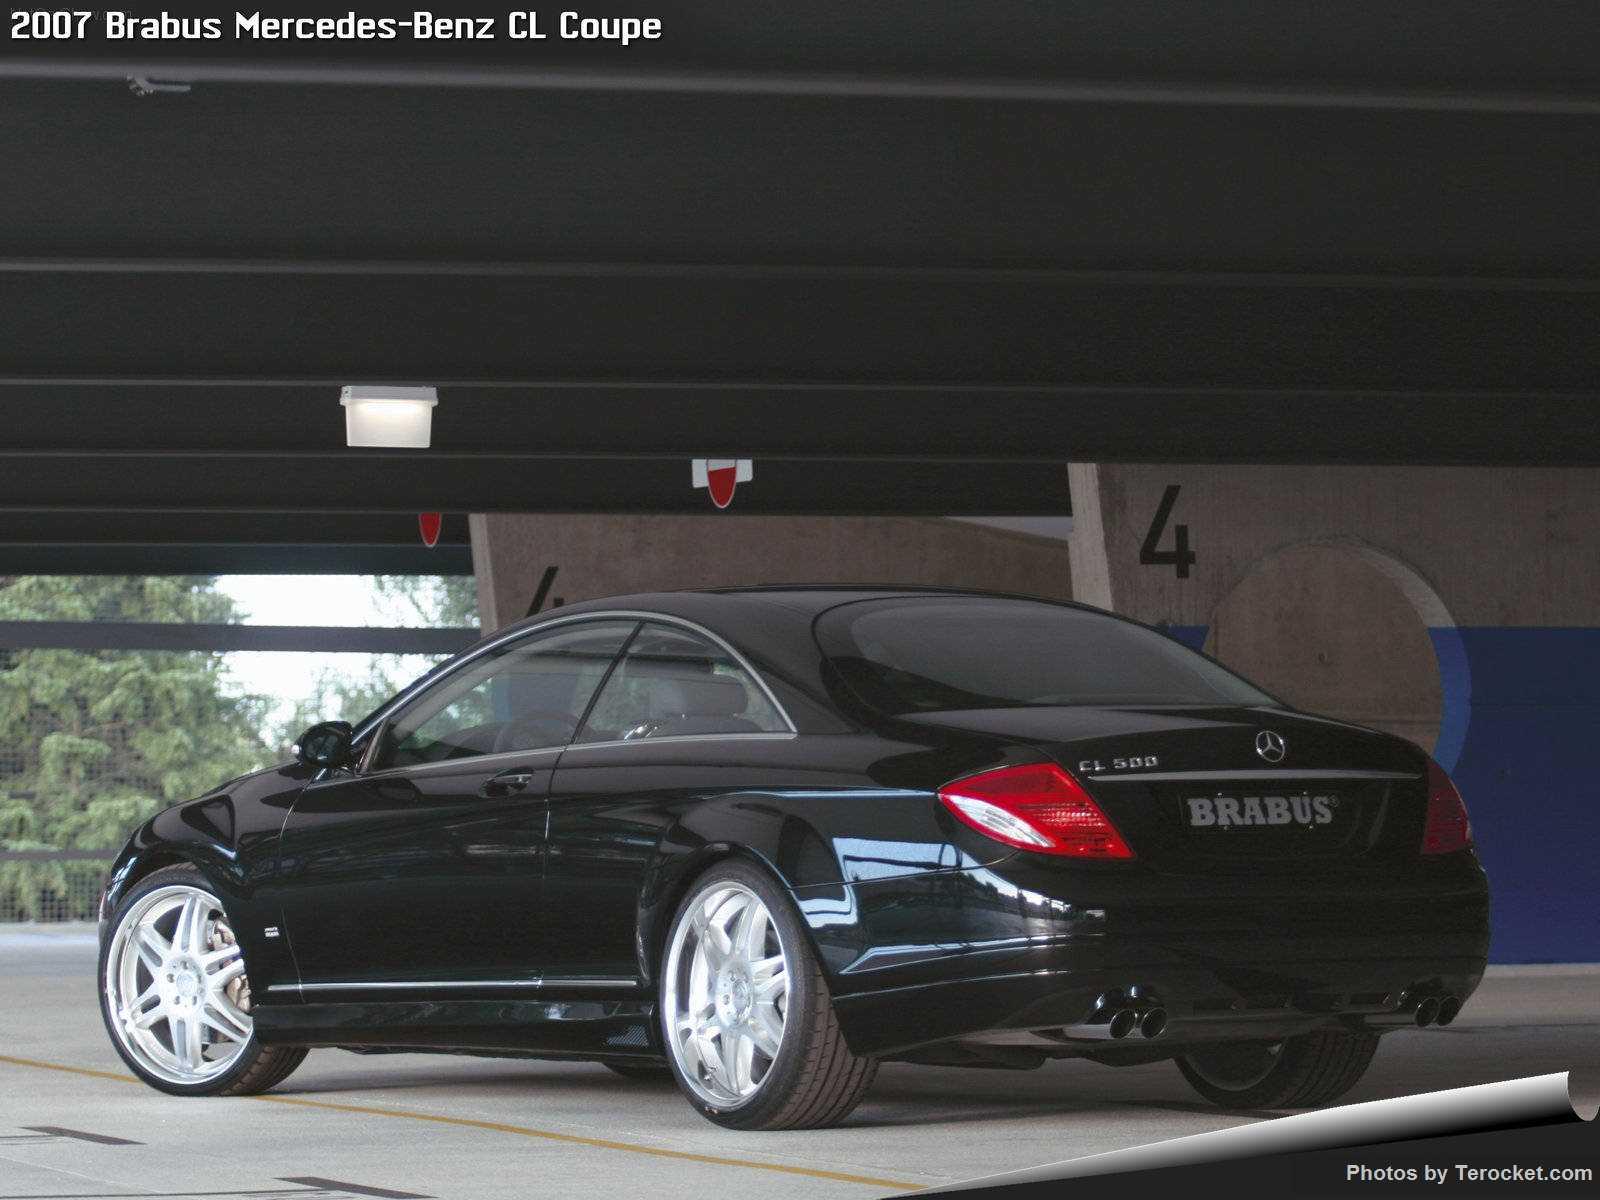 Hình ảnh xe ô tô Brabus Mercedes-Benz CL Coupe 2007 & nội ngoại thất